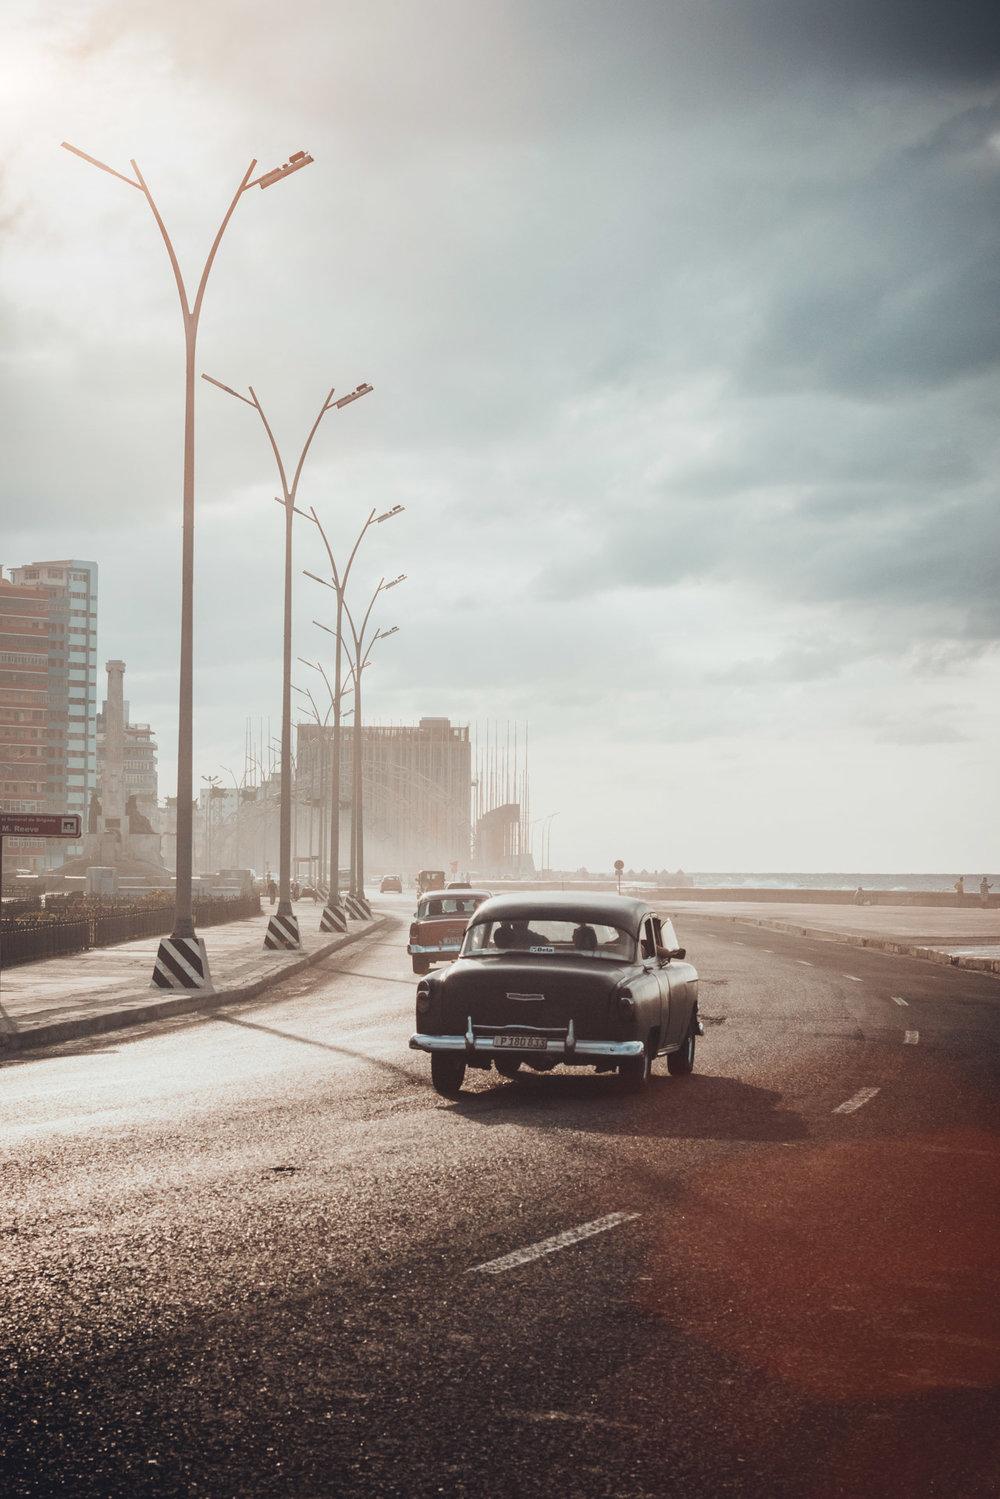 Cuba_StijnHoekstra-7.jpg